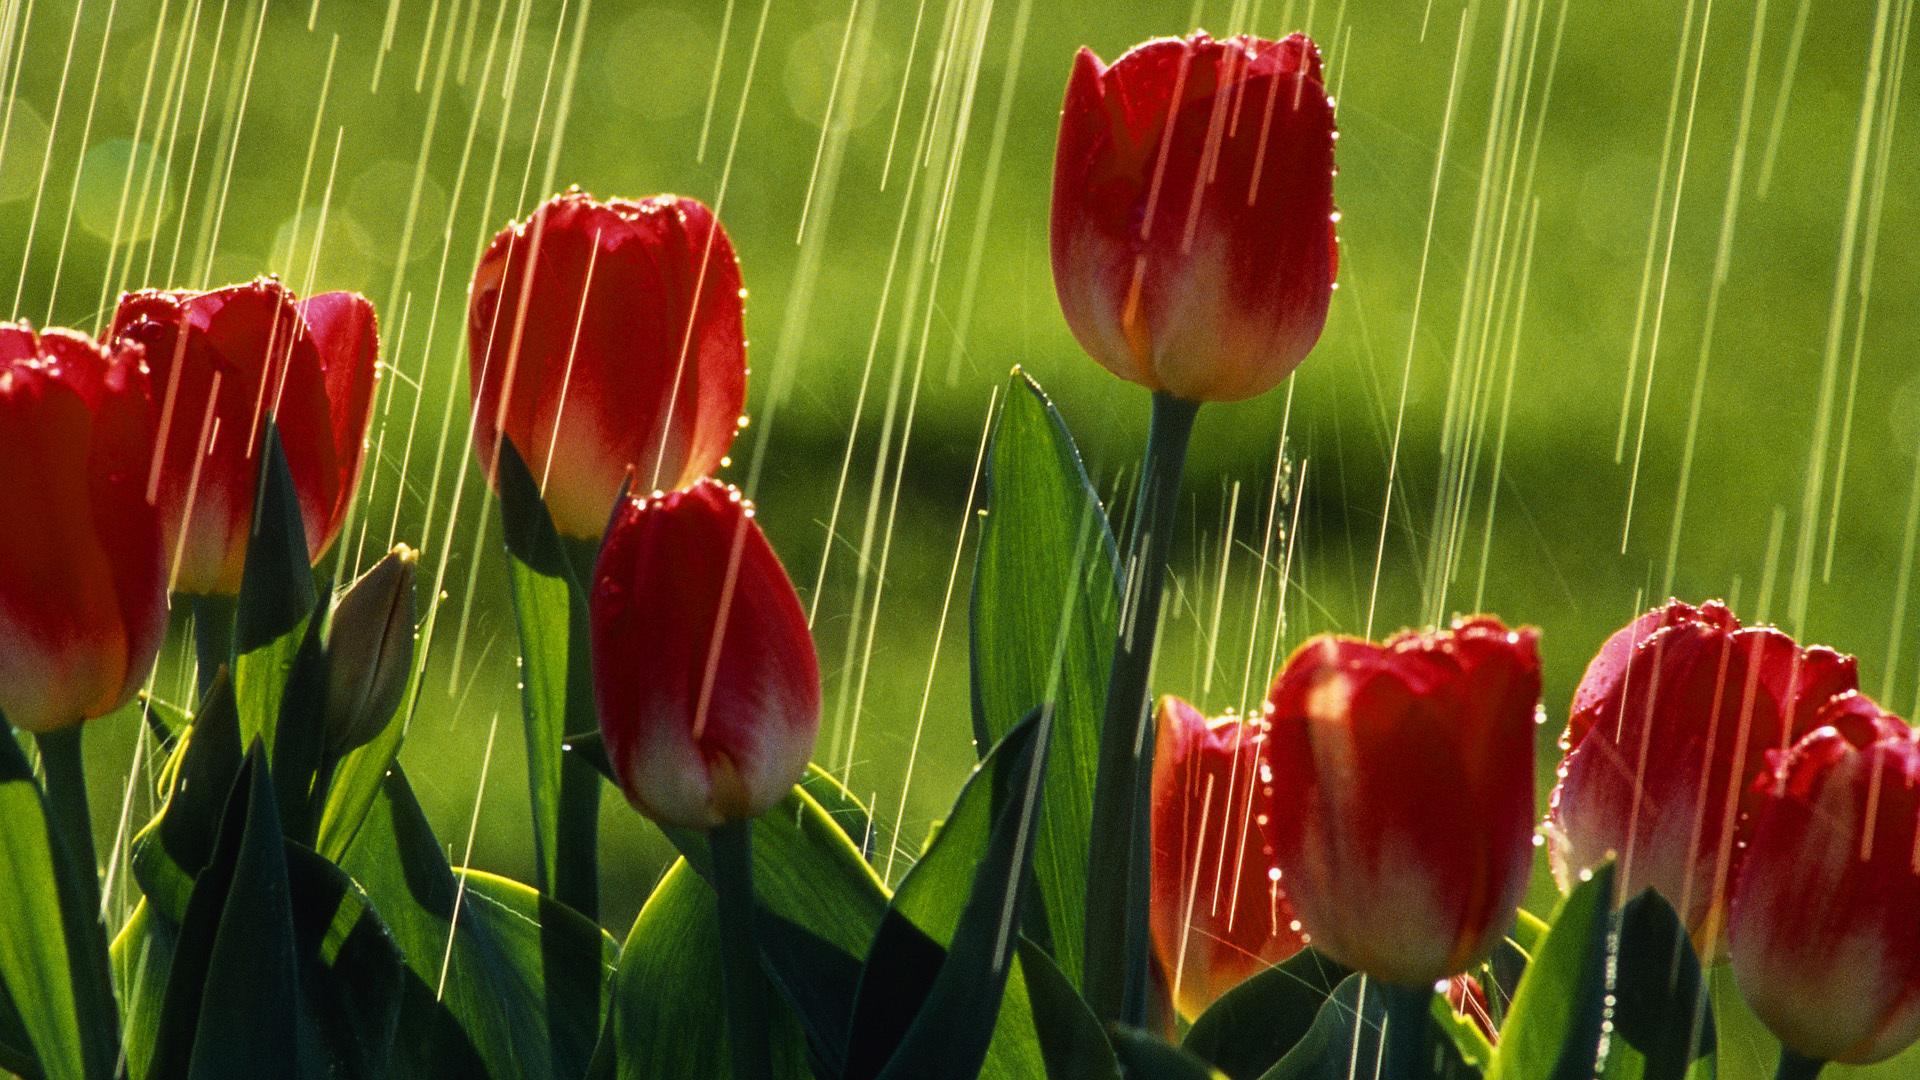 разве что тюльпаны после дождя фото высокого разрешения действительности ними